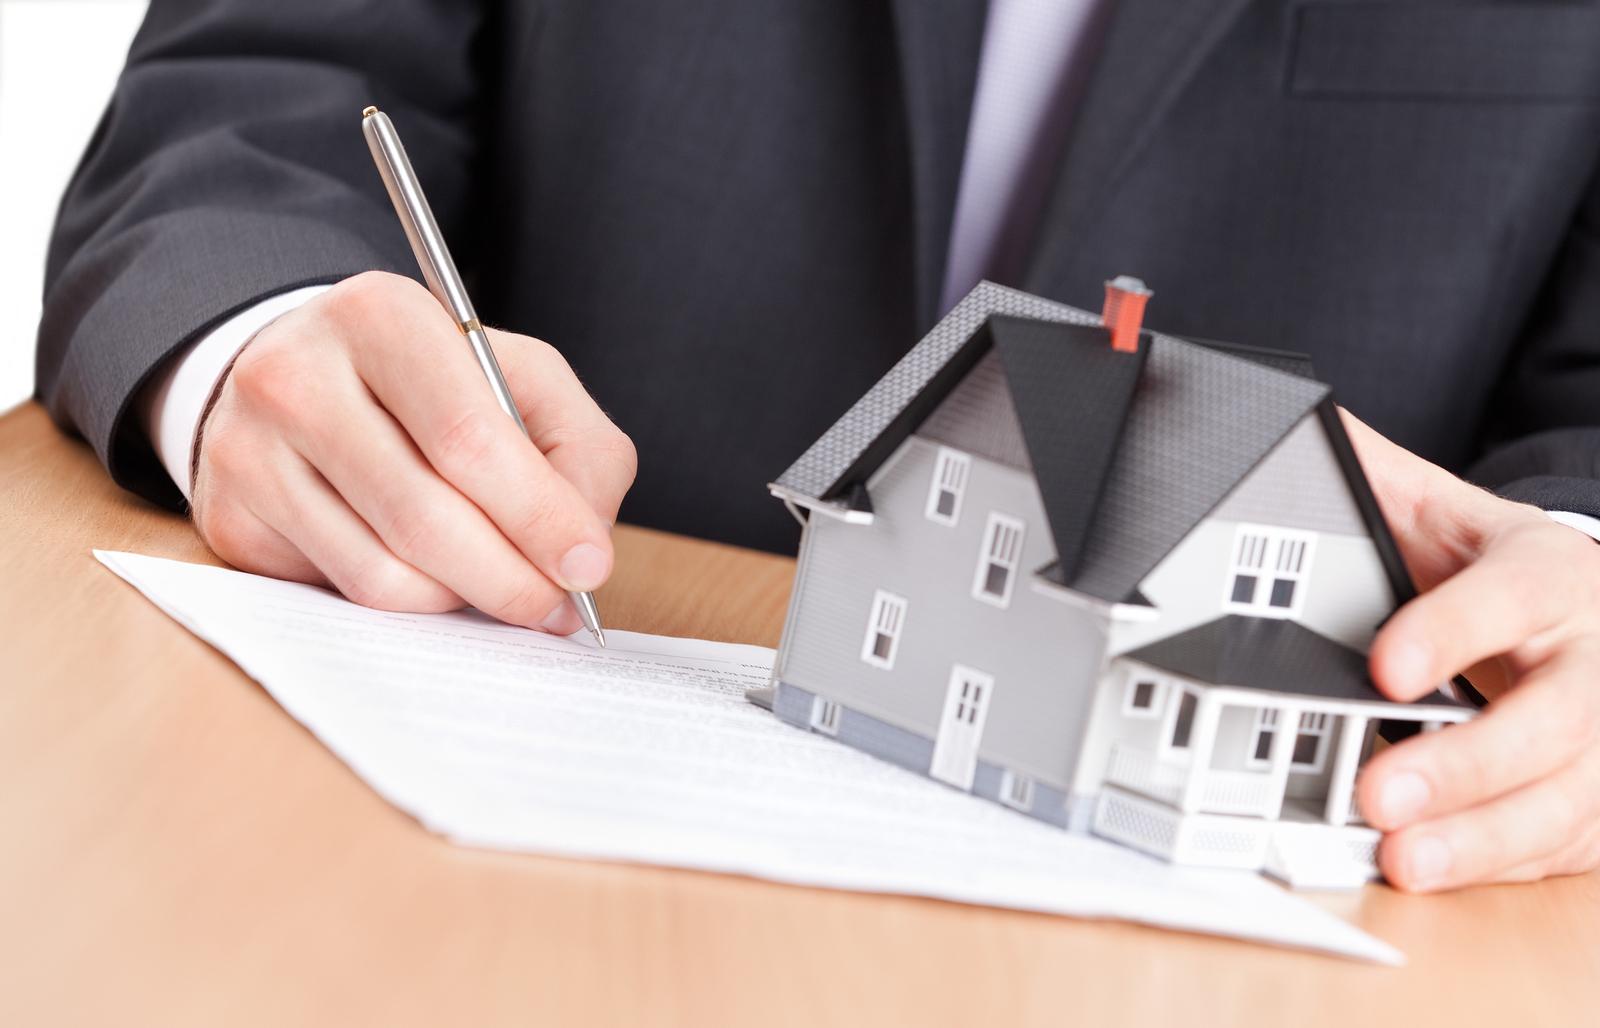 оформление недвижимости в долях